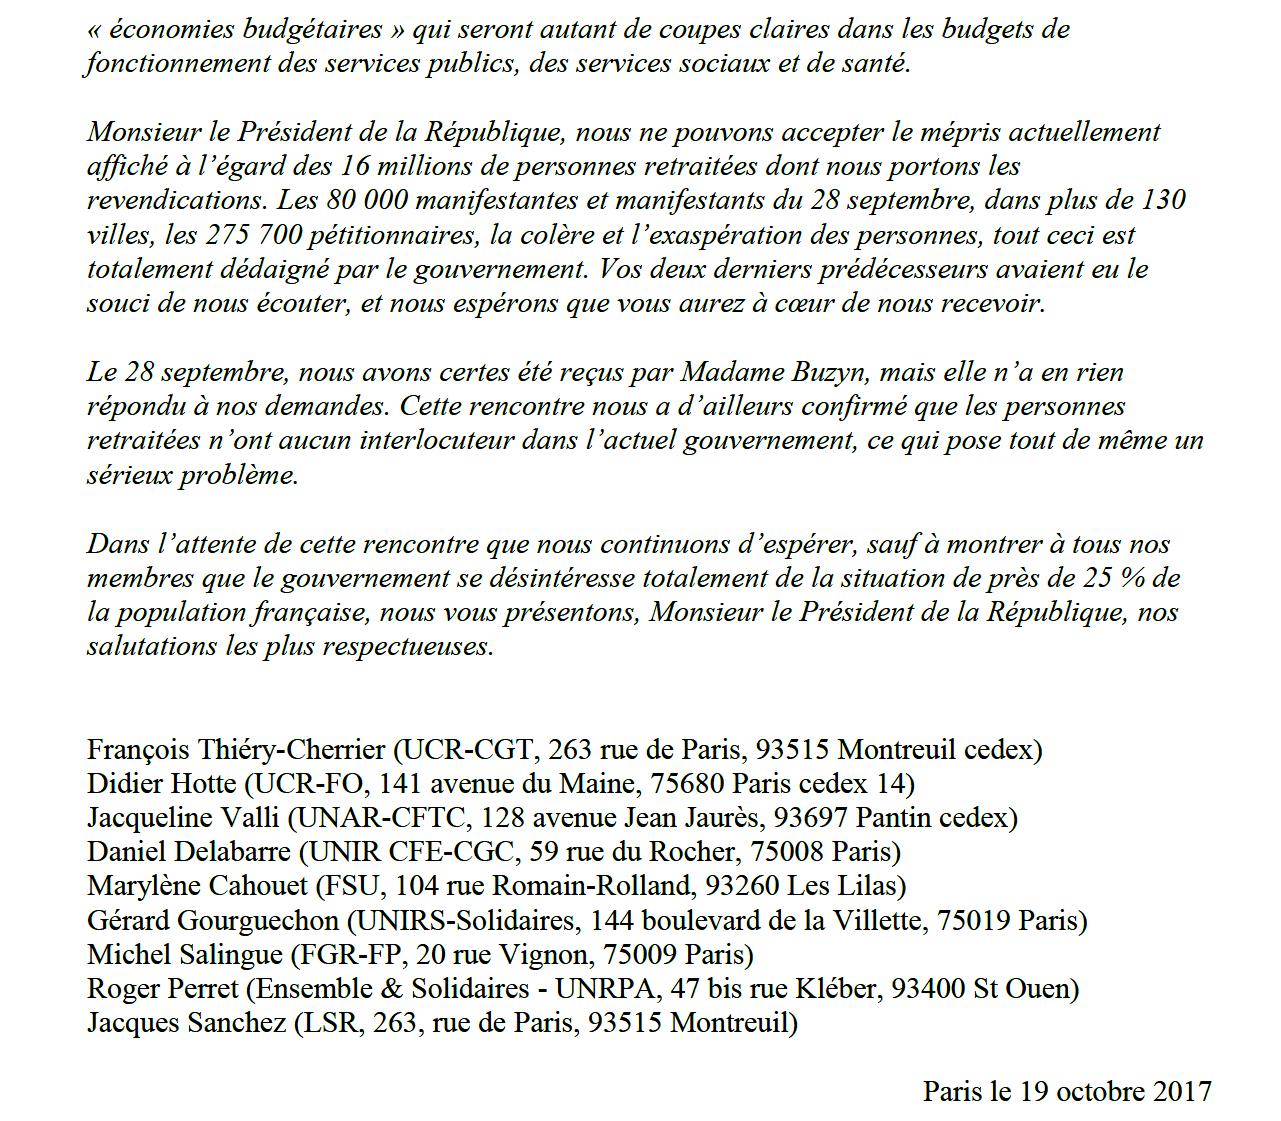 9 organisations de retraités ont écrit au Président de la République le 9 octobre 2017, mais plusieurs mois après, toujours pas de réponse.